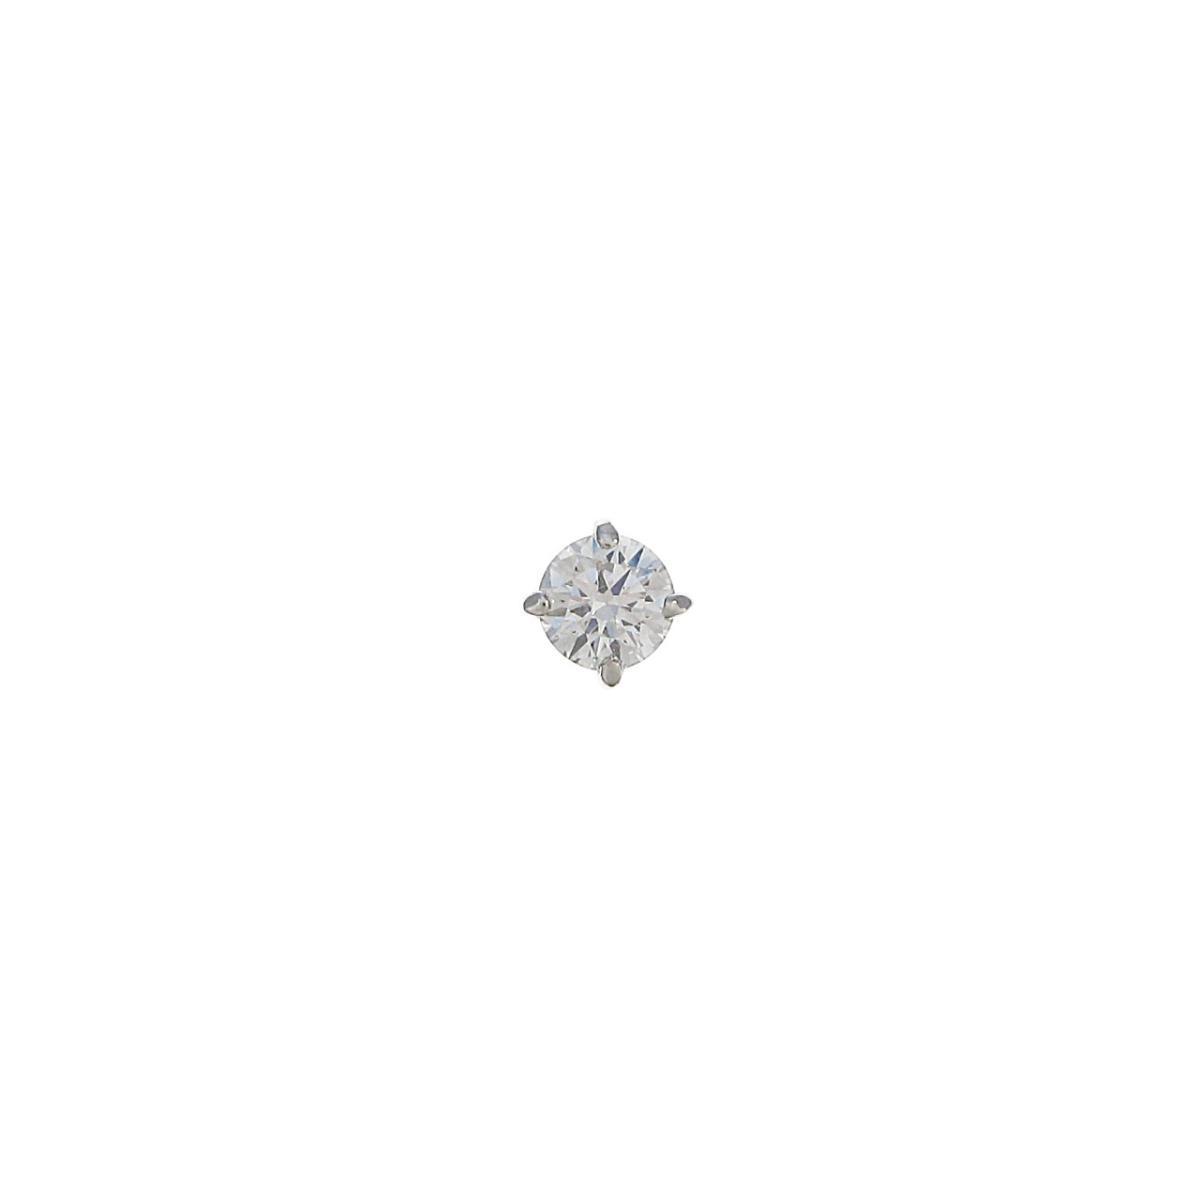 プラチナ ダイヤモンドピアス 0.222ct・D・VVS1・VG 片耳【中古】